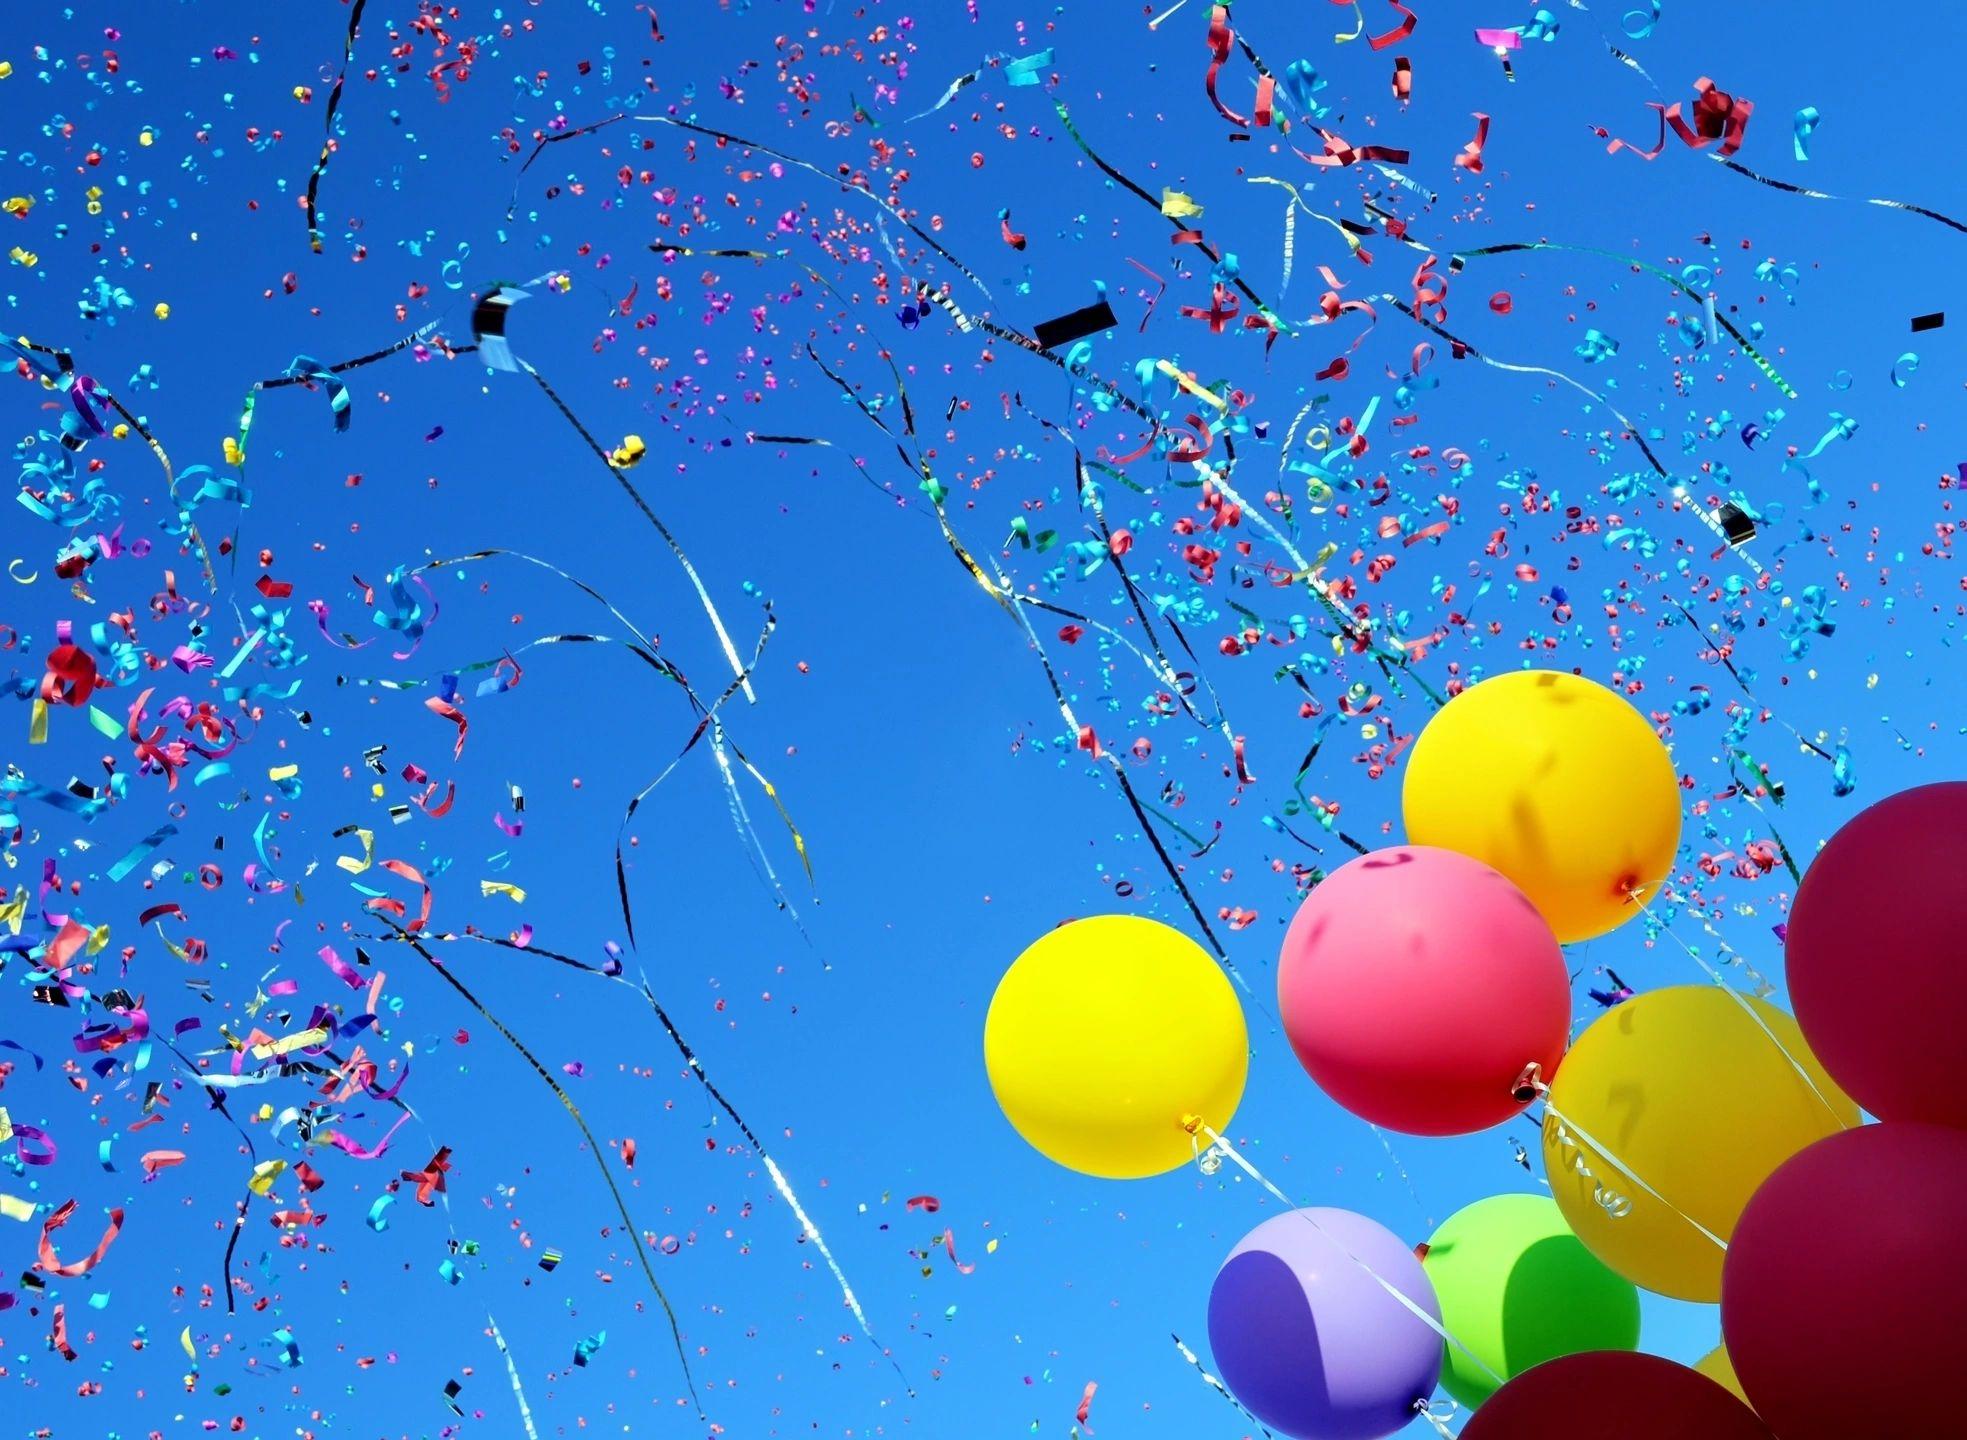 Картинки с летящими шарами воздушными, для